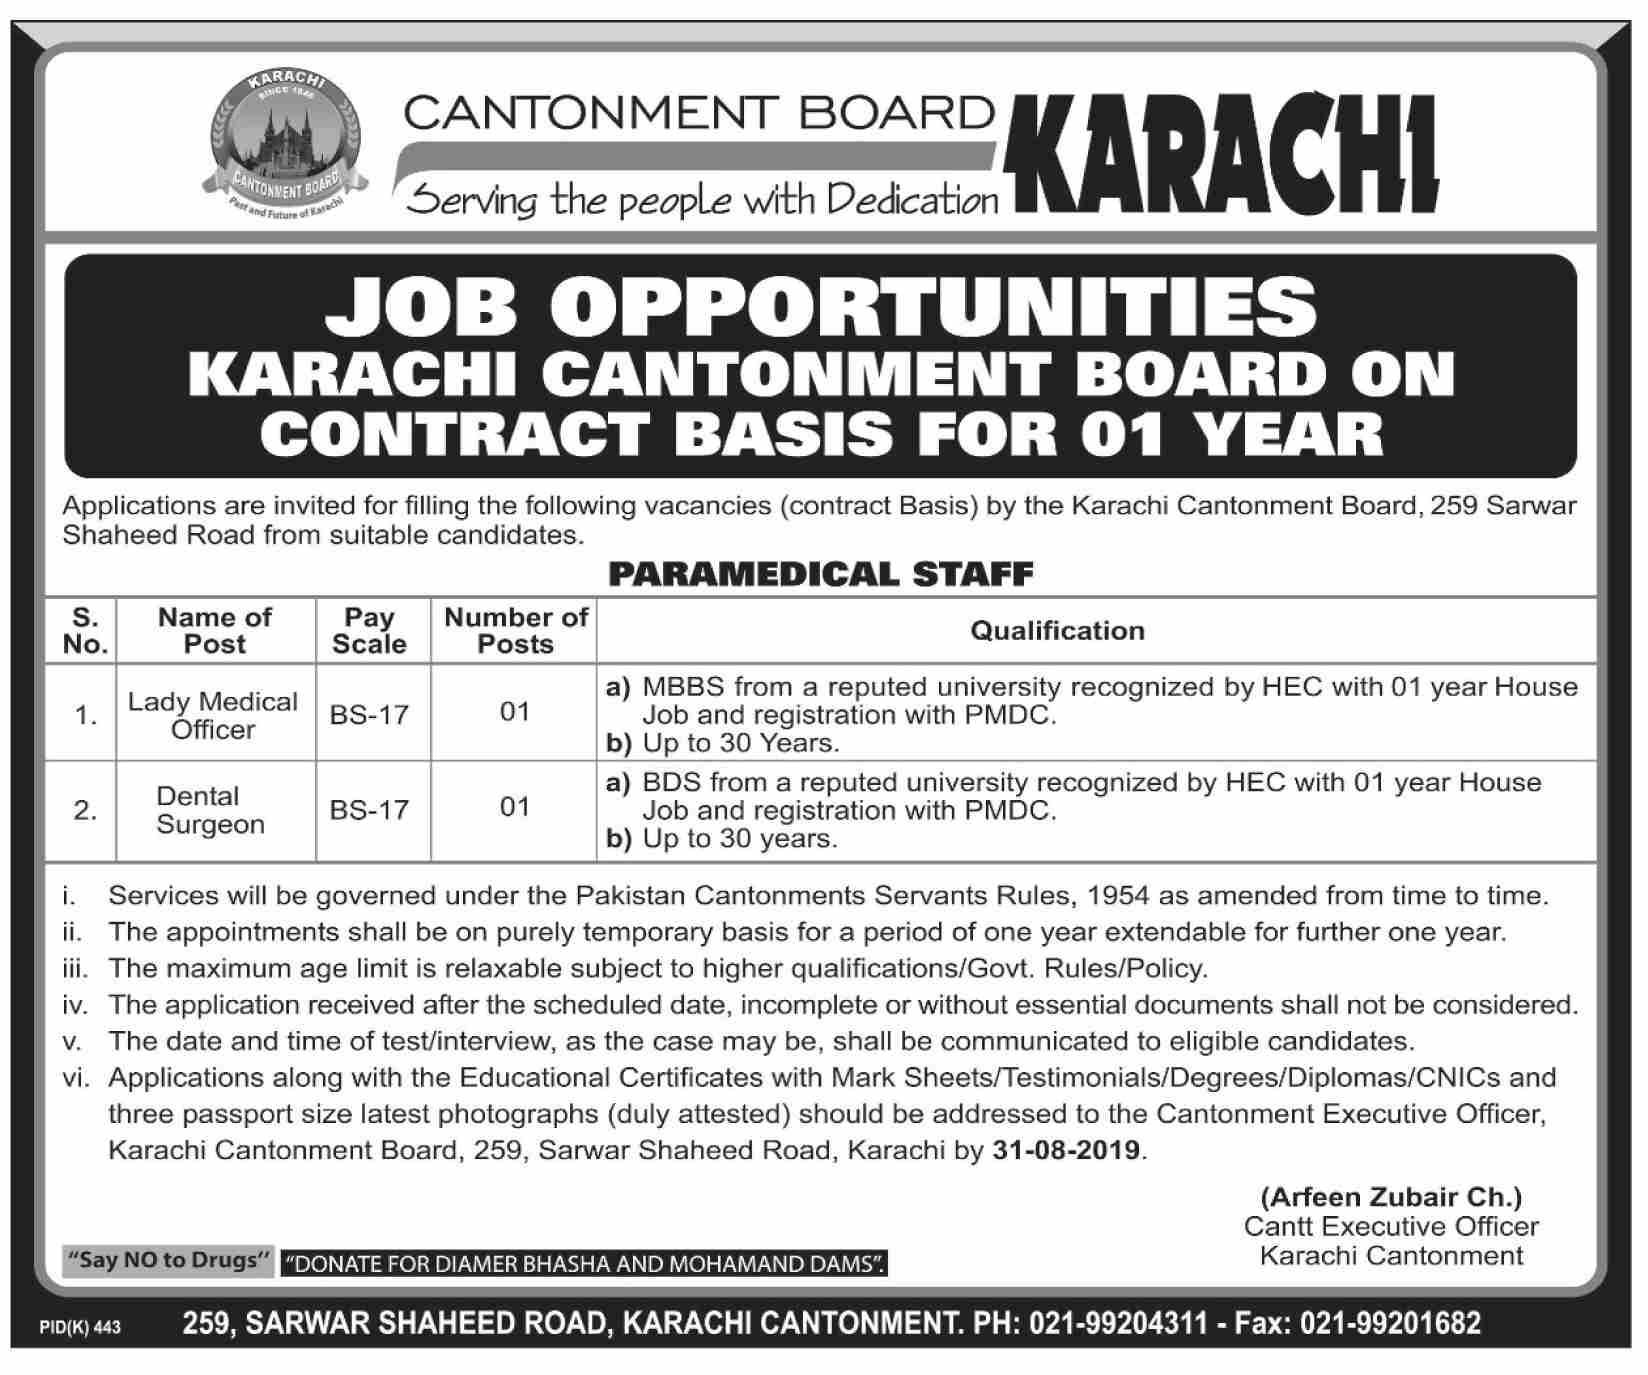 Cantonment Board Karachi Jobs 10 Aug 2019 - Prepistan Jobs